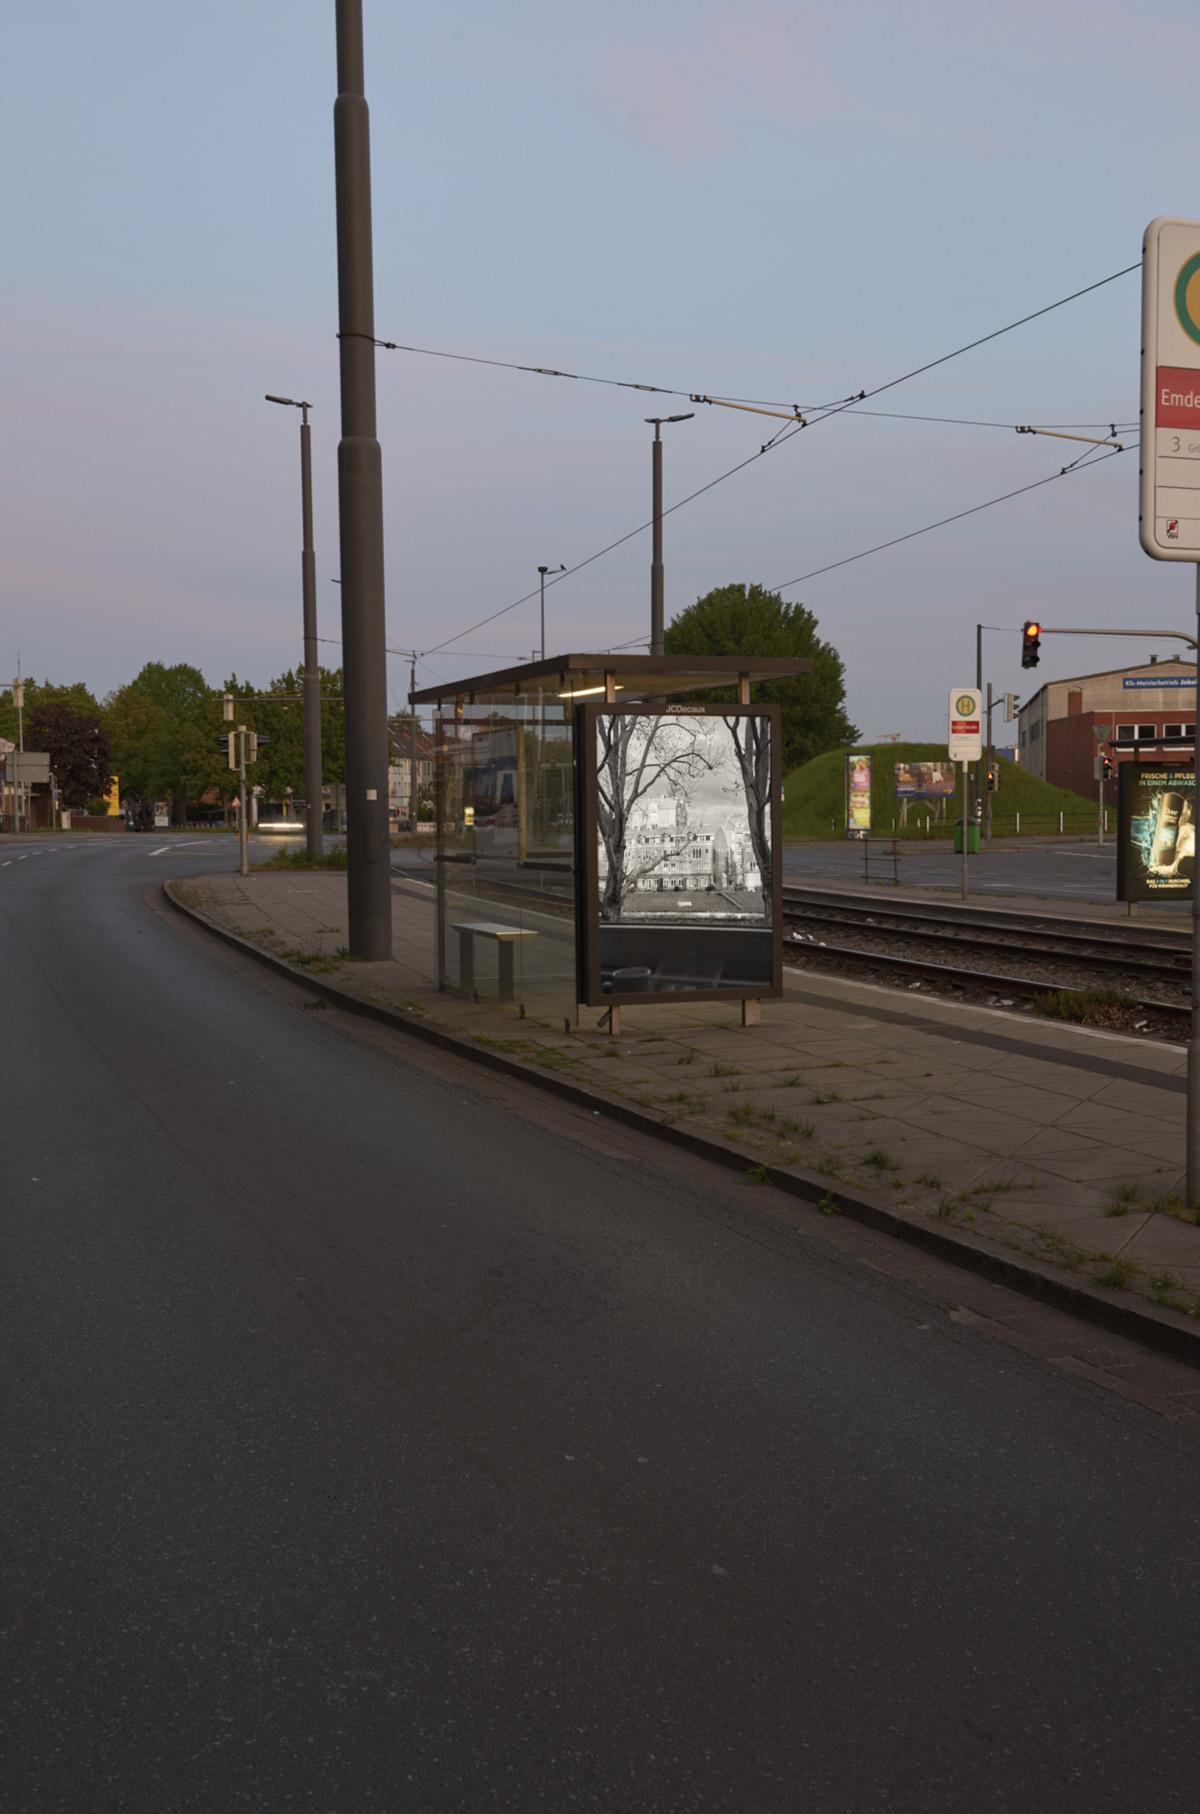 Pio Rahner, citylight, wall decaux, 2020, Kunst im öffentlichen Raum, Bremen, Folkwang, kölmel, muller, behrens, pluta, gastelum, michel, wolf, engelke, braun